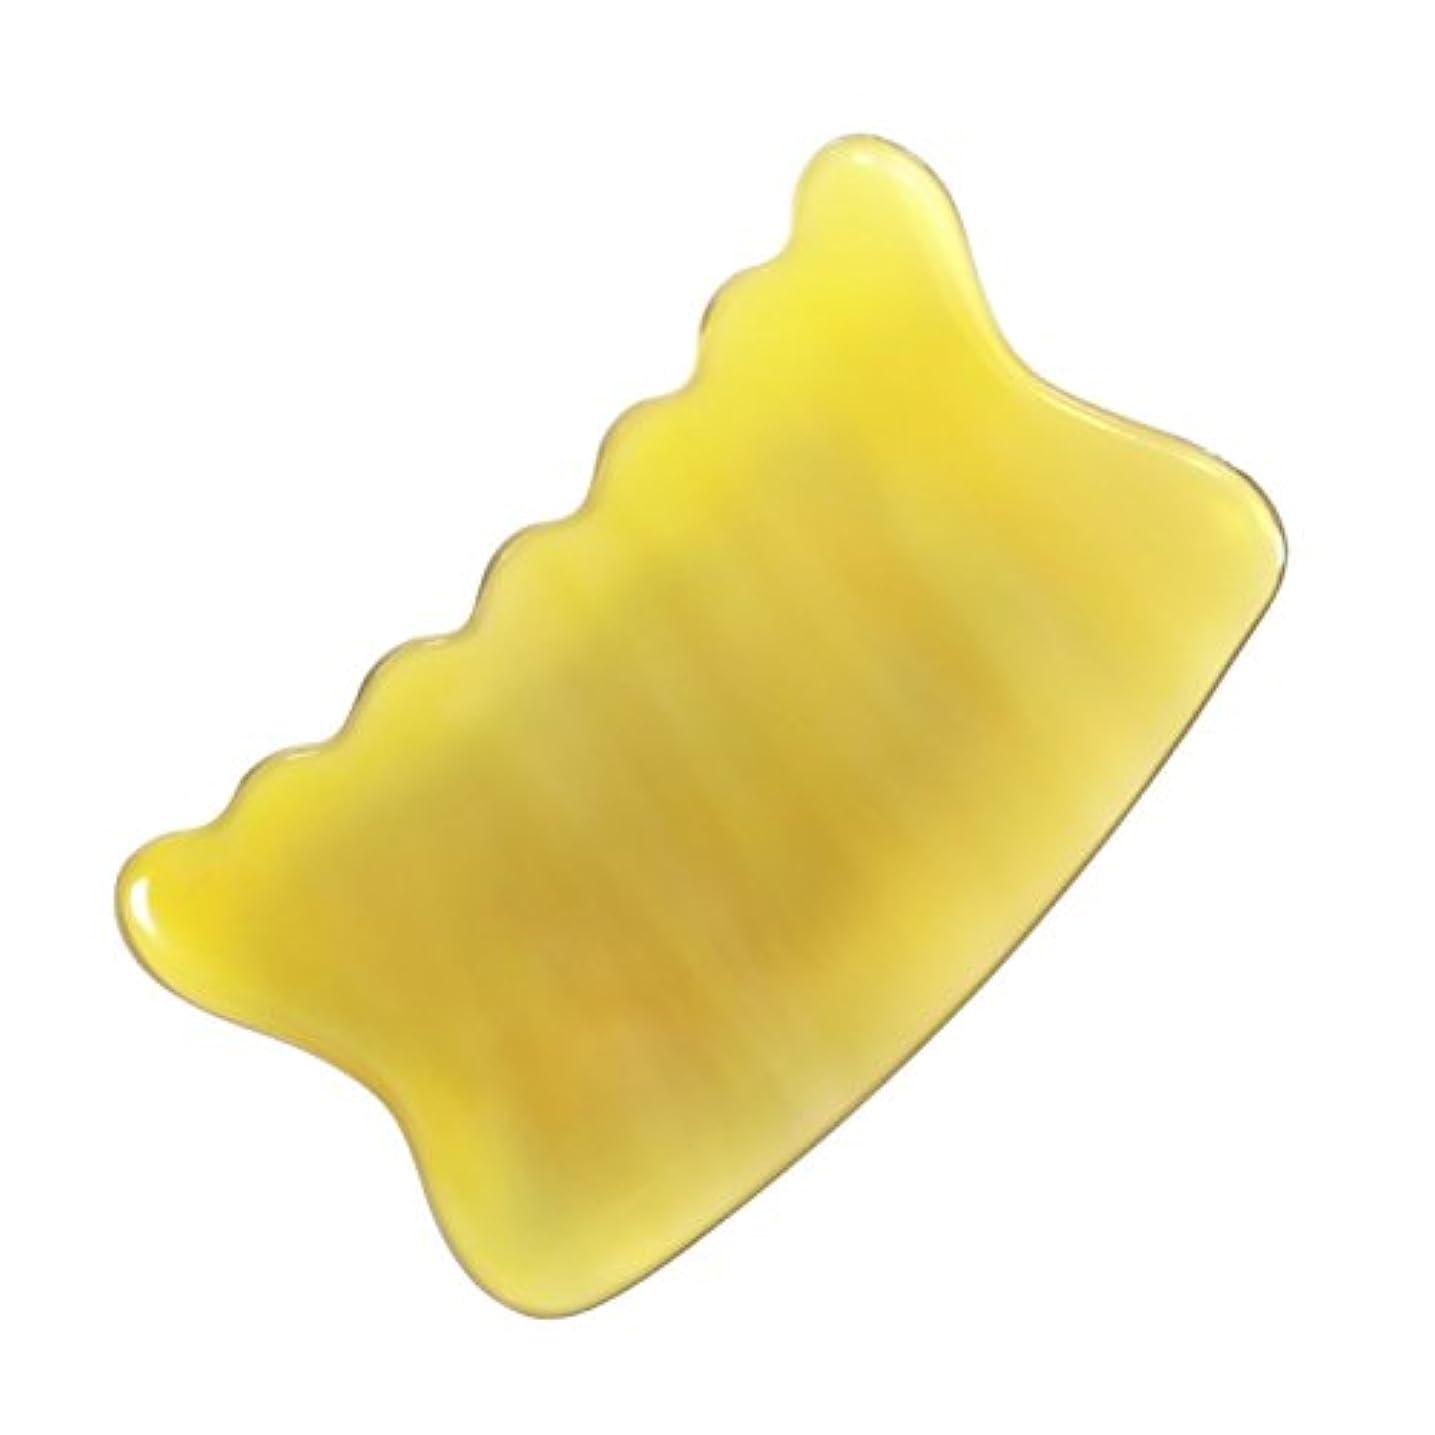 登録するパンチ何十人もかっさ プレート 希少68 黄水牛角 極美品 曲波型